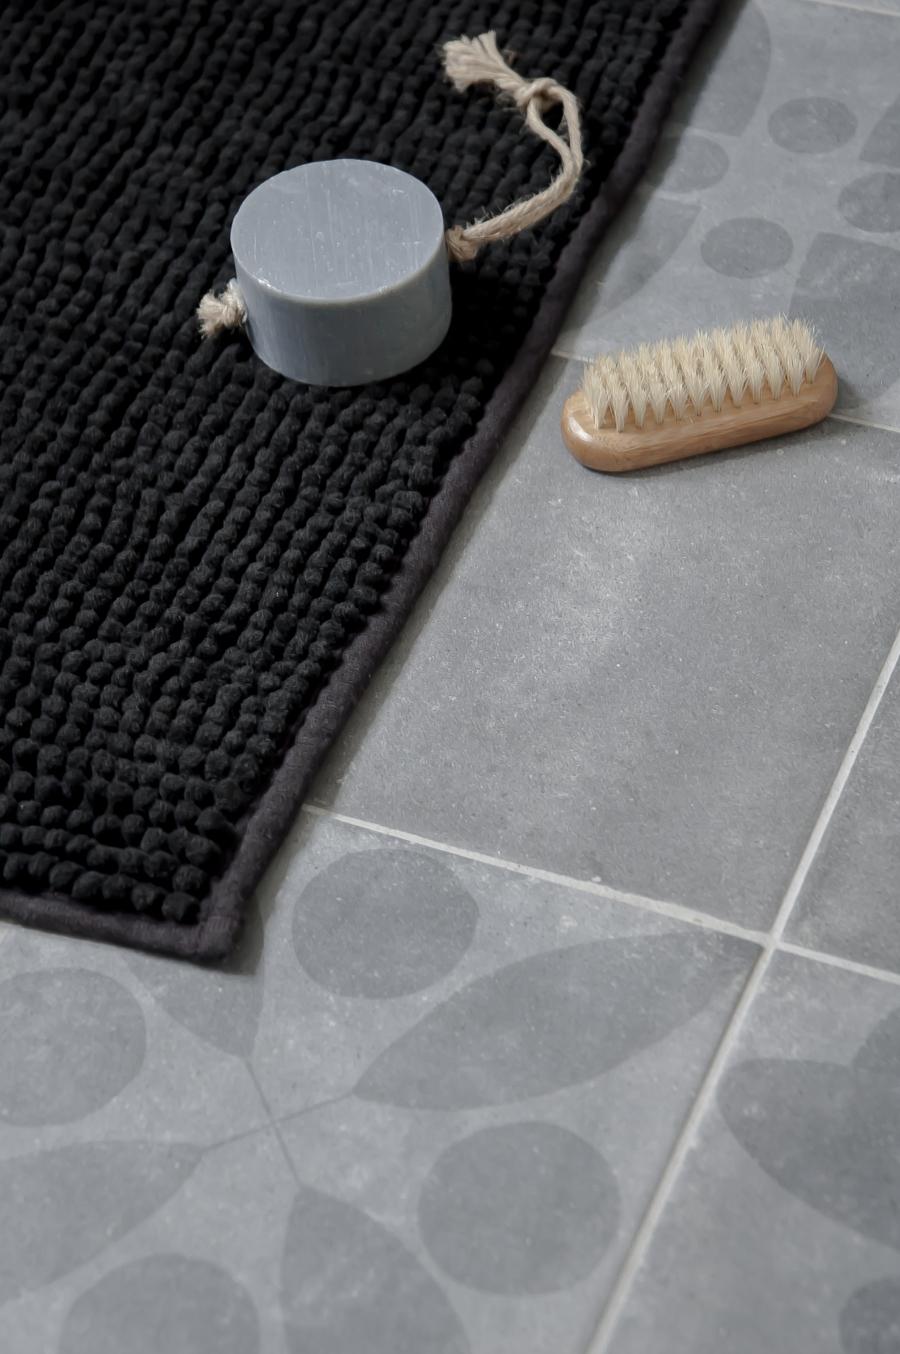 IKEA-bathroom-styling-aprilandmay-8